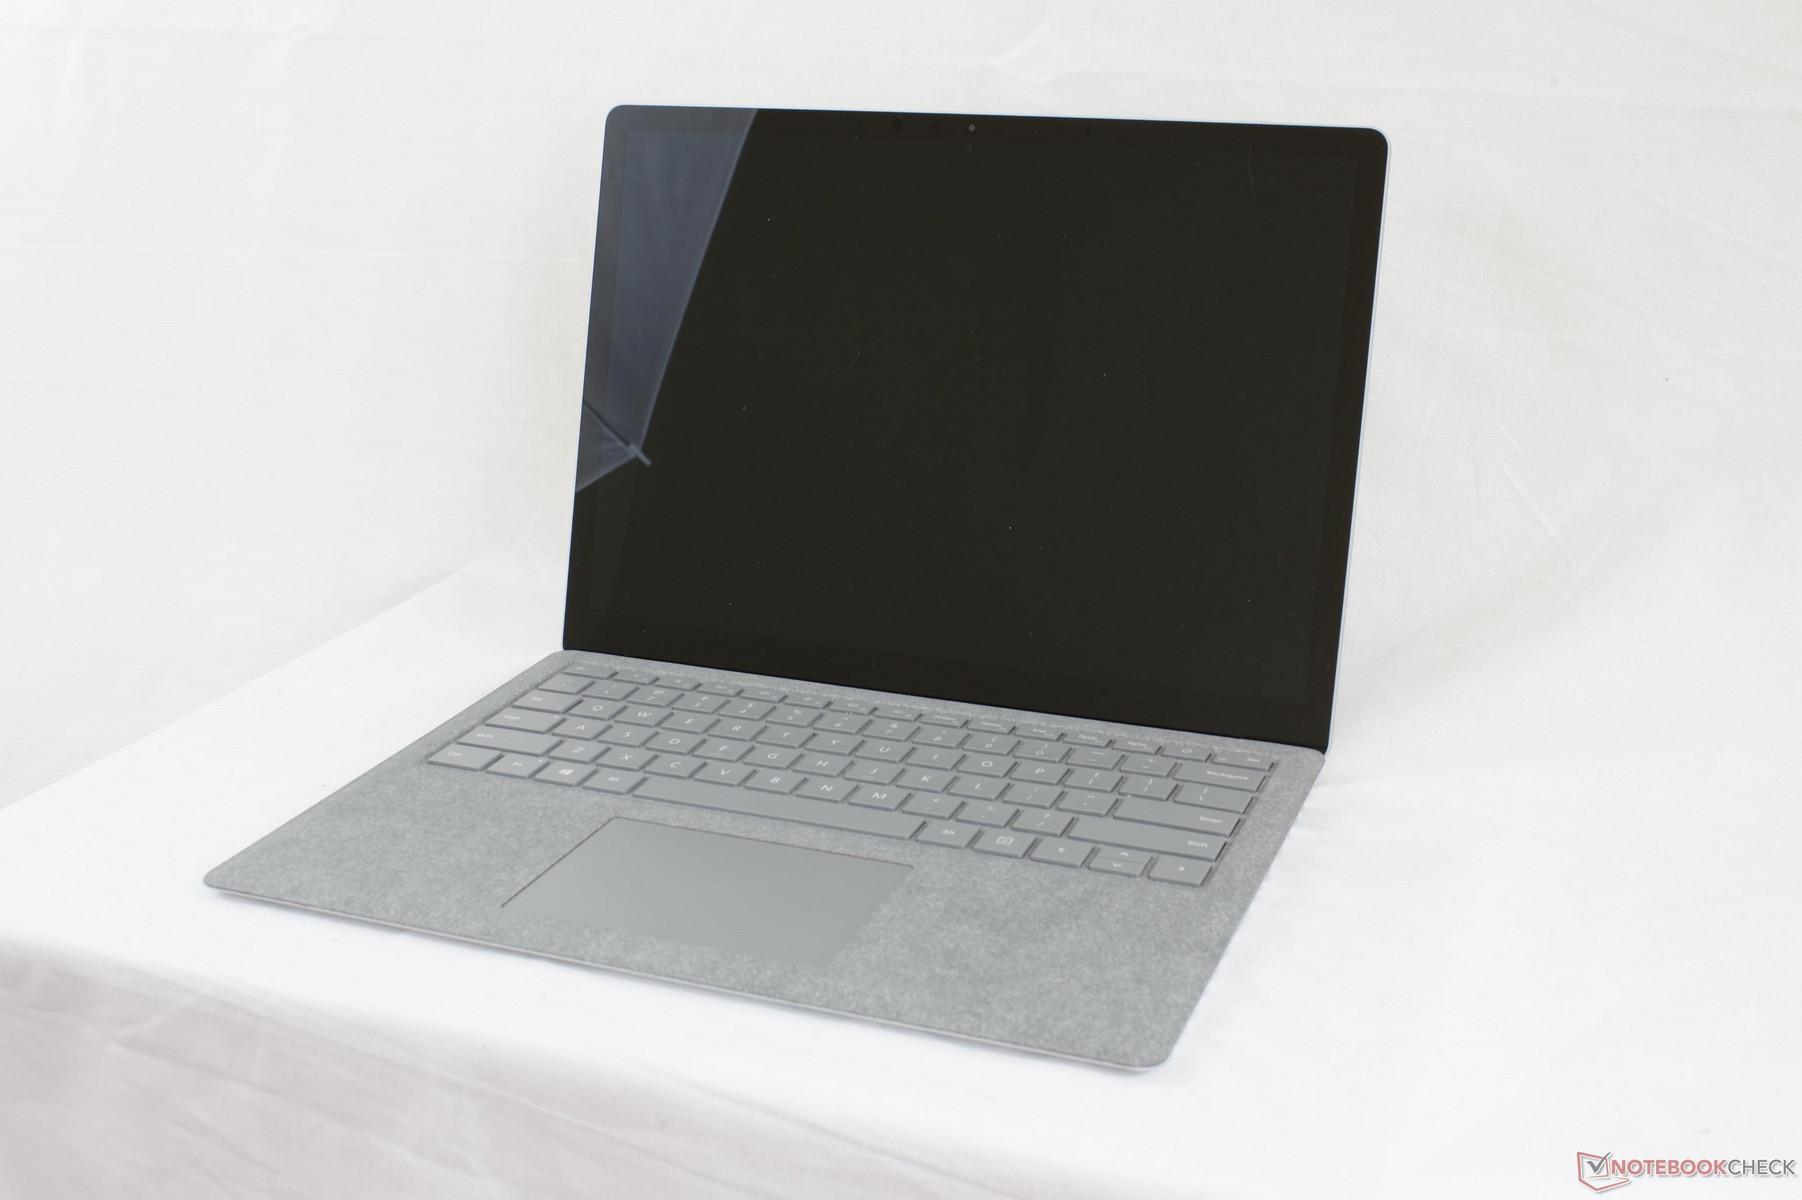 test microsoft surface laptop i7 7660u tests. Black Bedroom Furniture Sets. Home Design Ideas